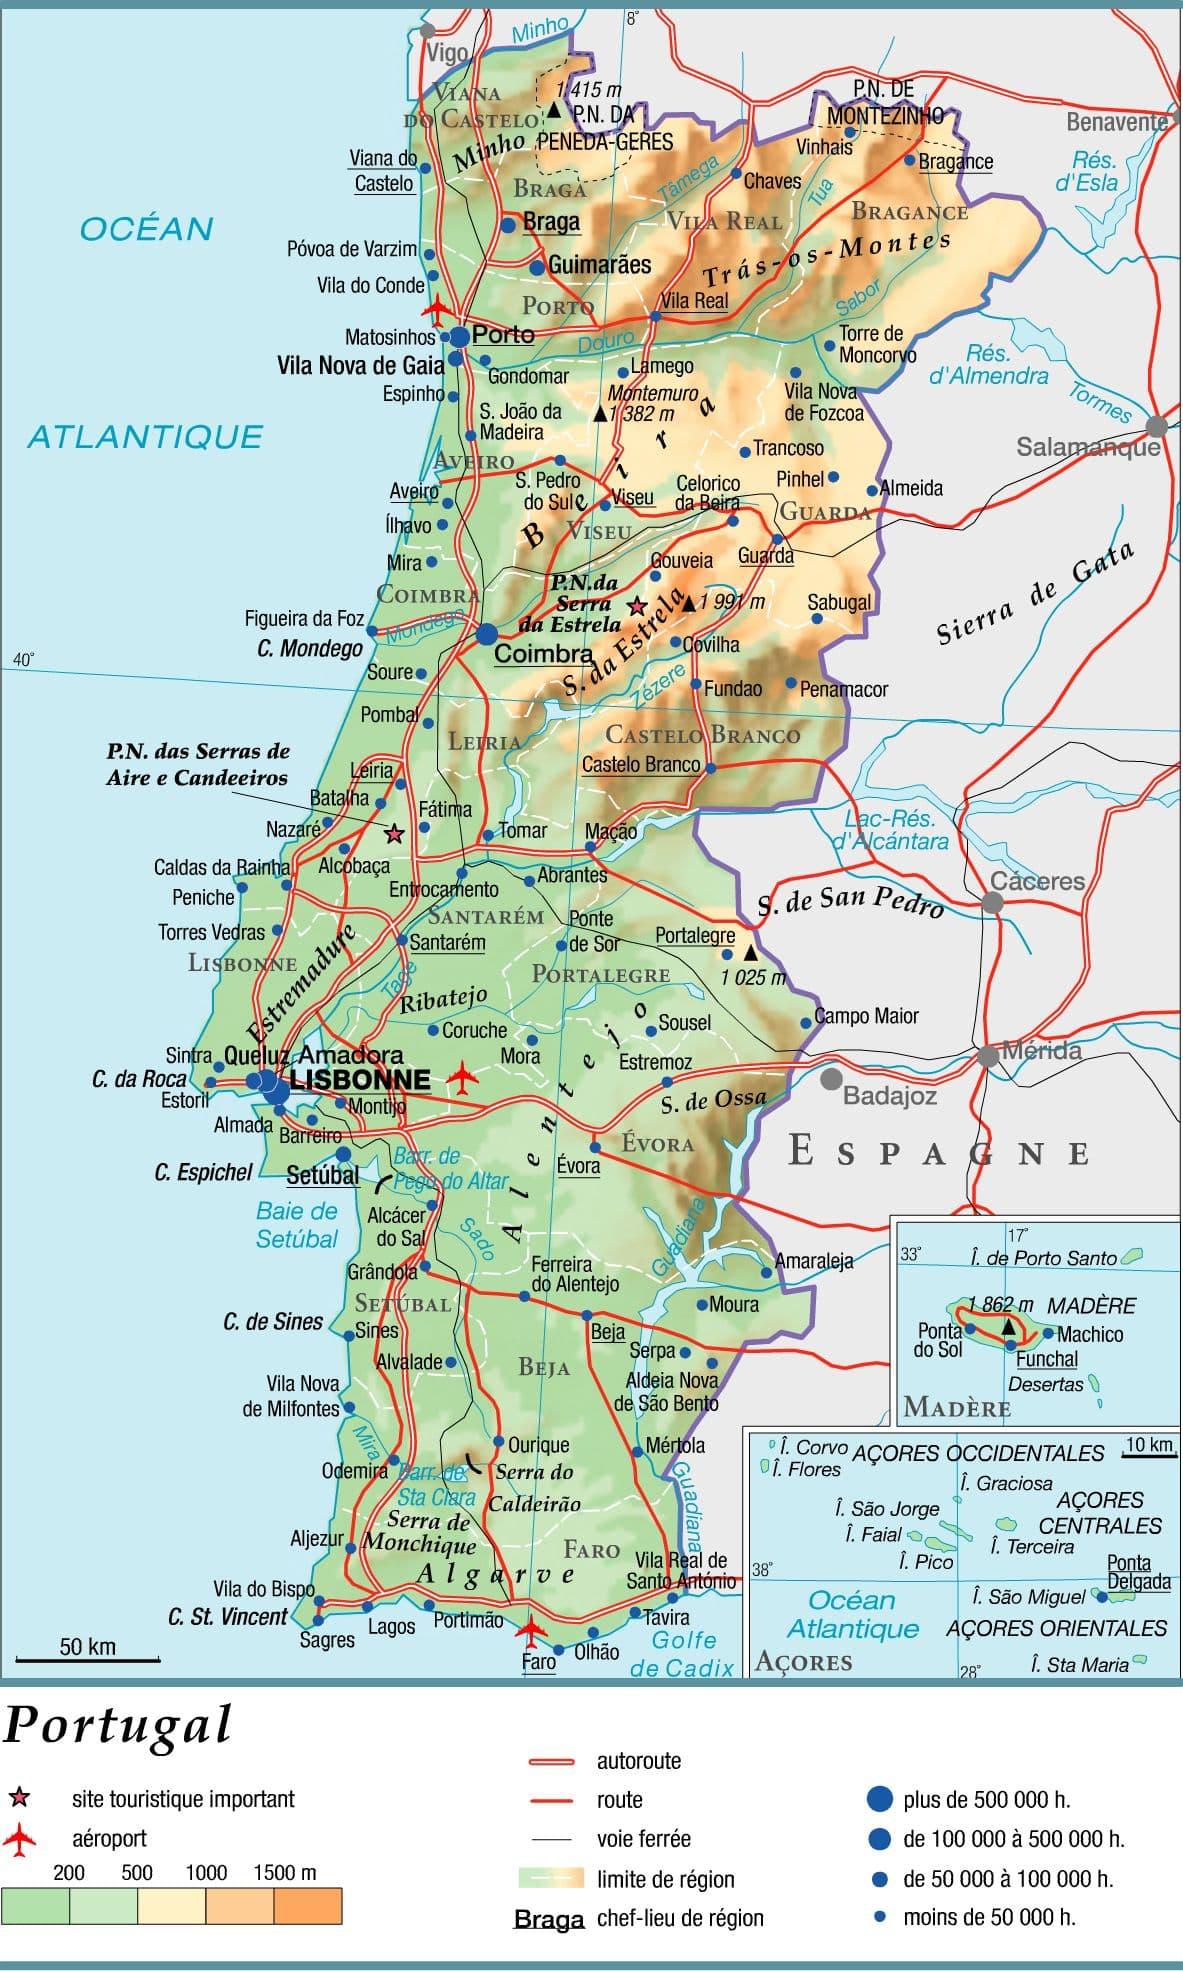 carte-du-portugal-en-francais - Photo